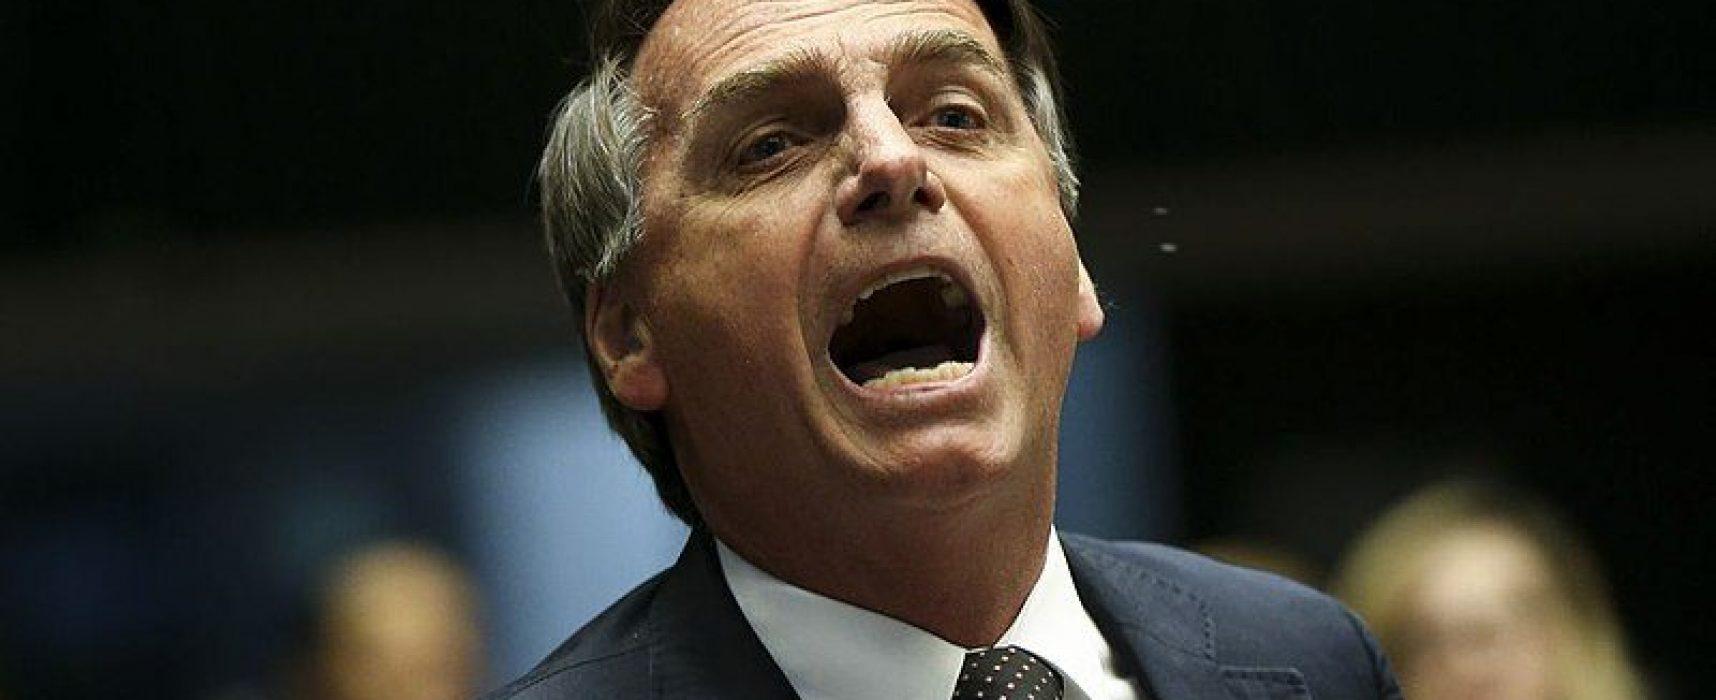 ¿Las noticias falsas llevarán a la victoria al candidato de derecha favorito en Brasil?